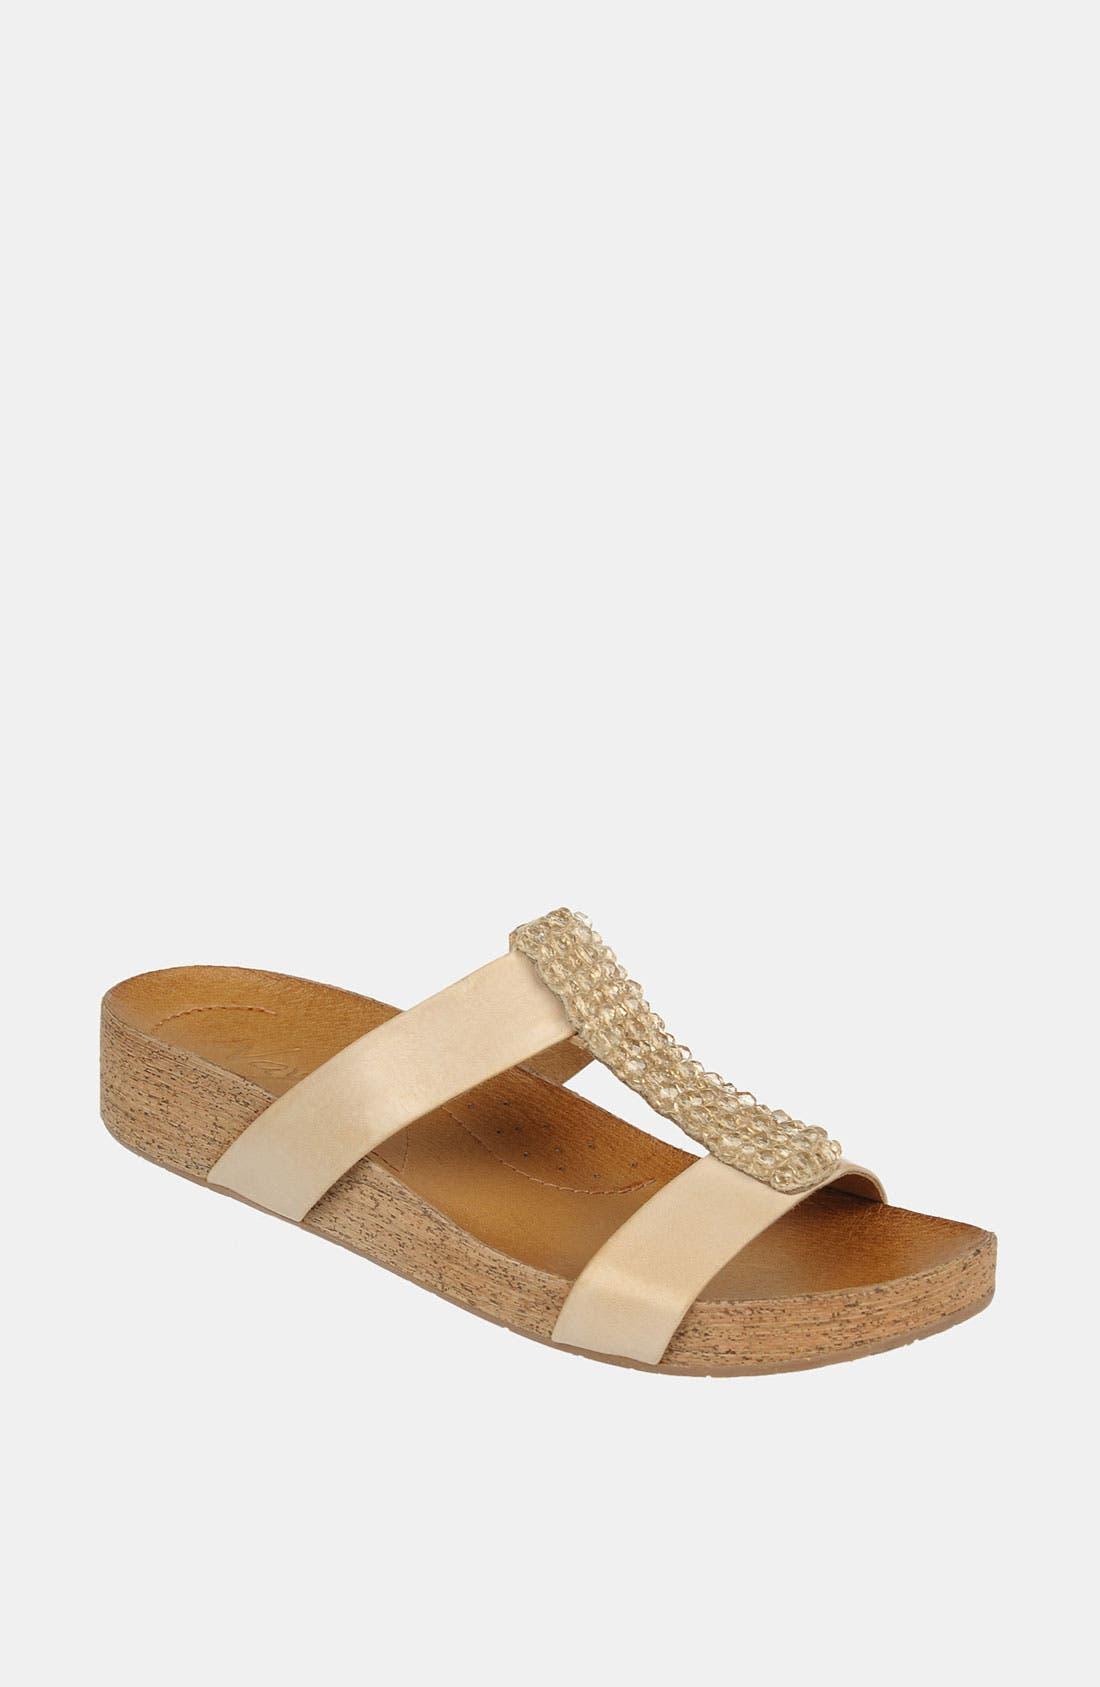 Main Image - Naya 'Belle' Sandal